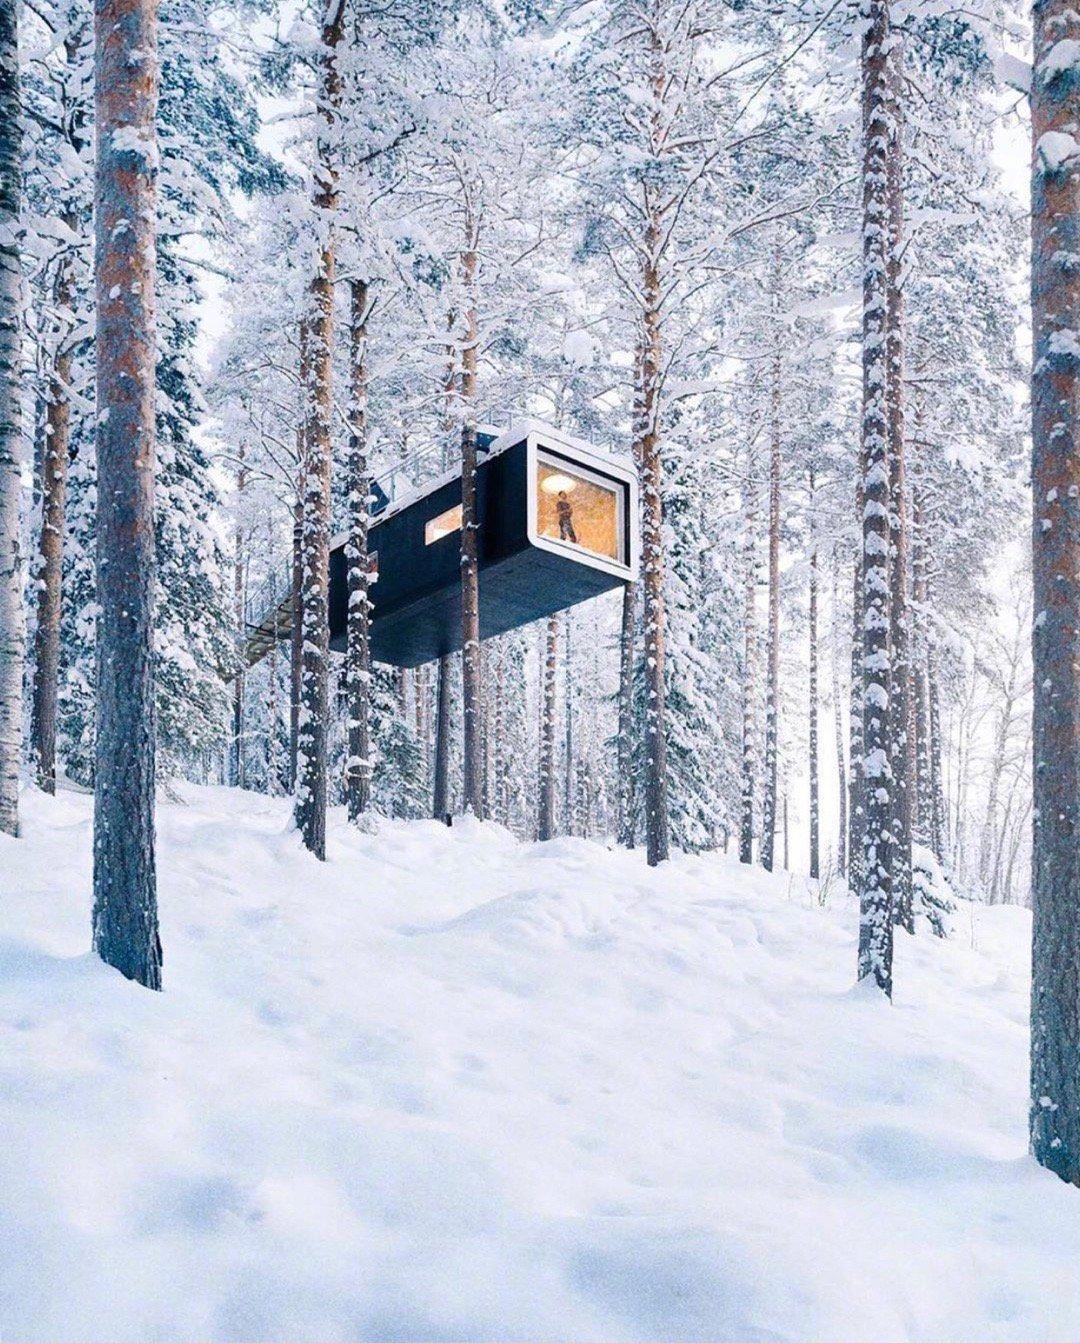 我在想这冰天雪地的小屋中供暖是不是只能靠柴火了